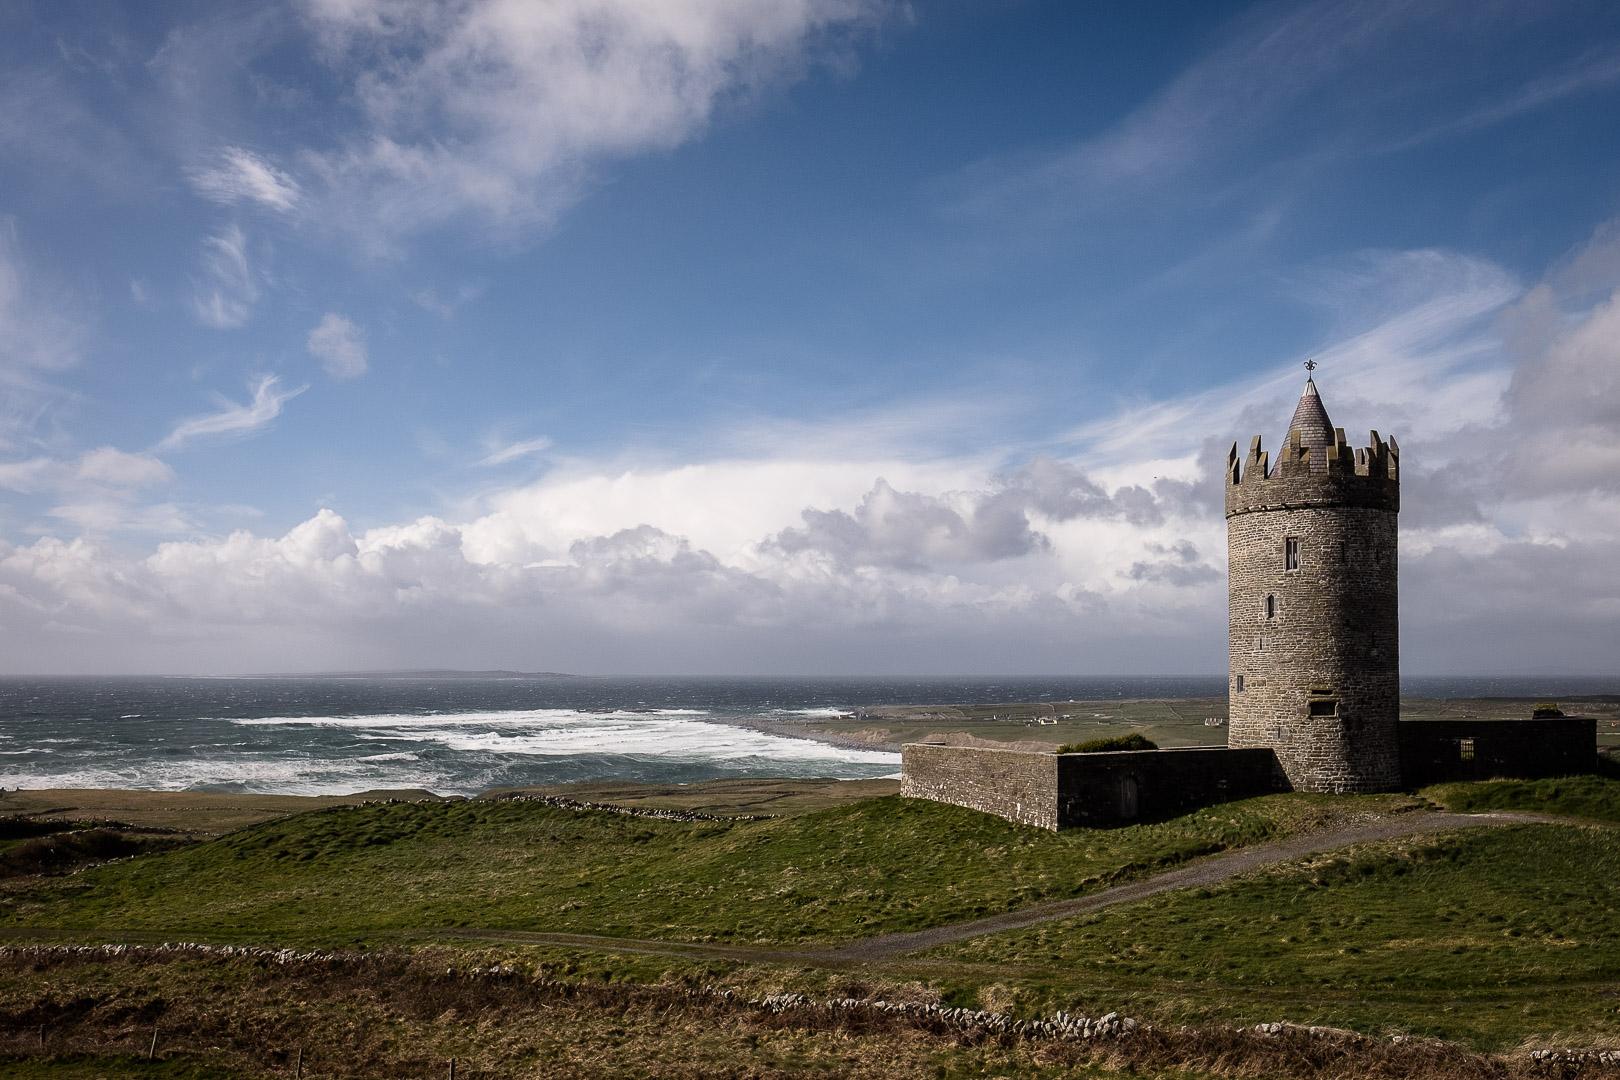 160407-Ireland-Galway_Moher-332-1080.jpg